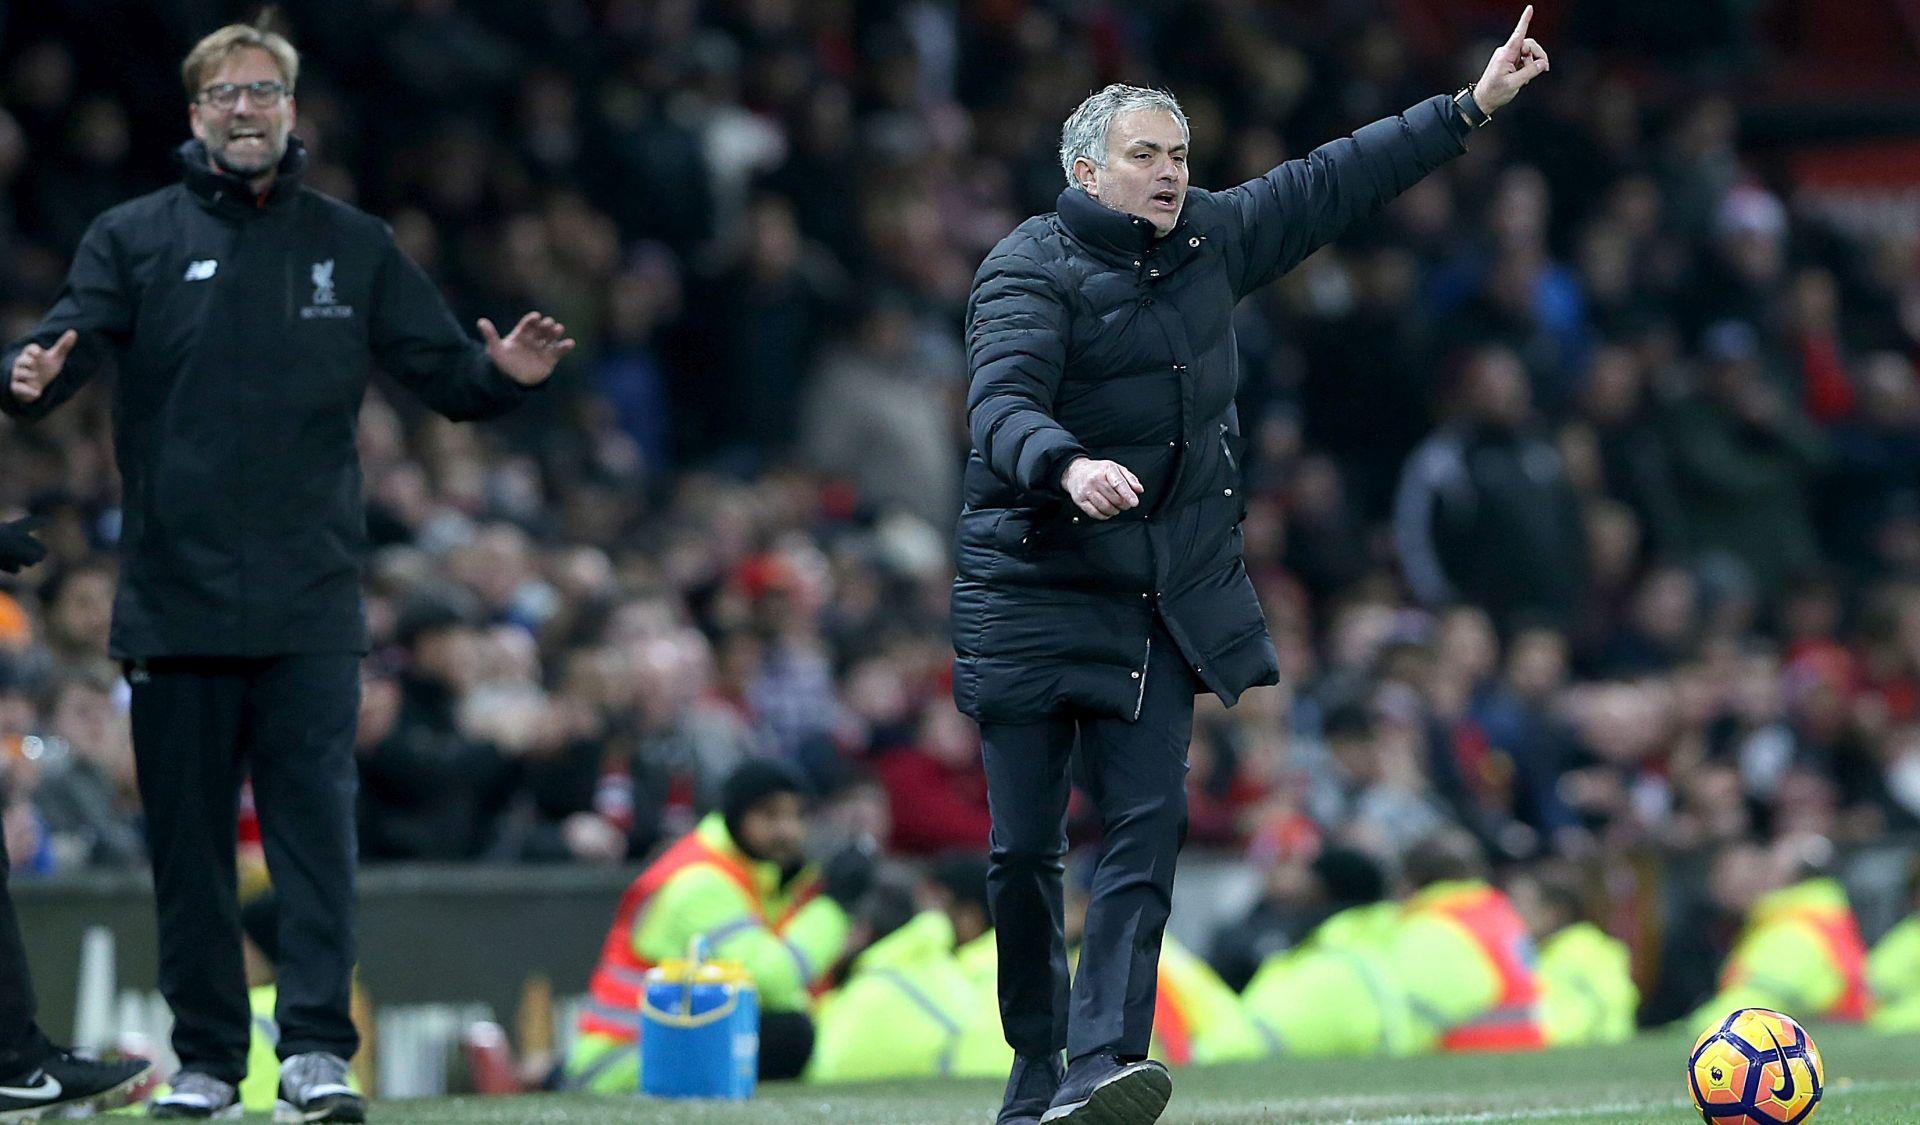 Manchester United prvi ima stručnjaka za protuterorizam